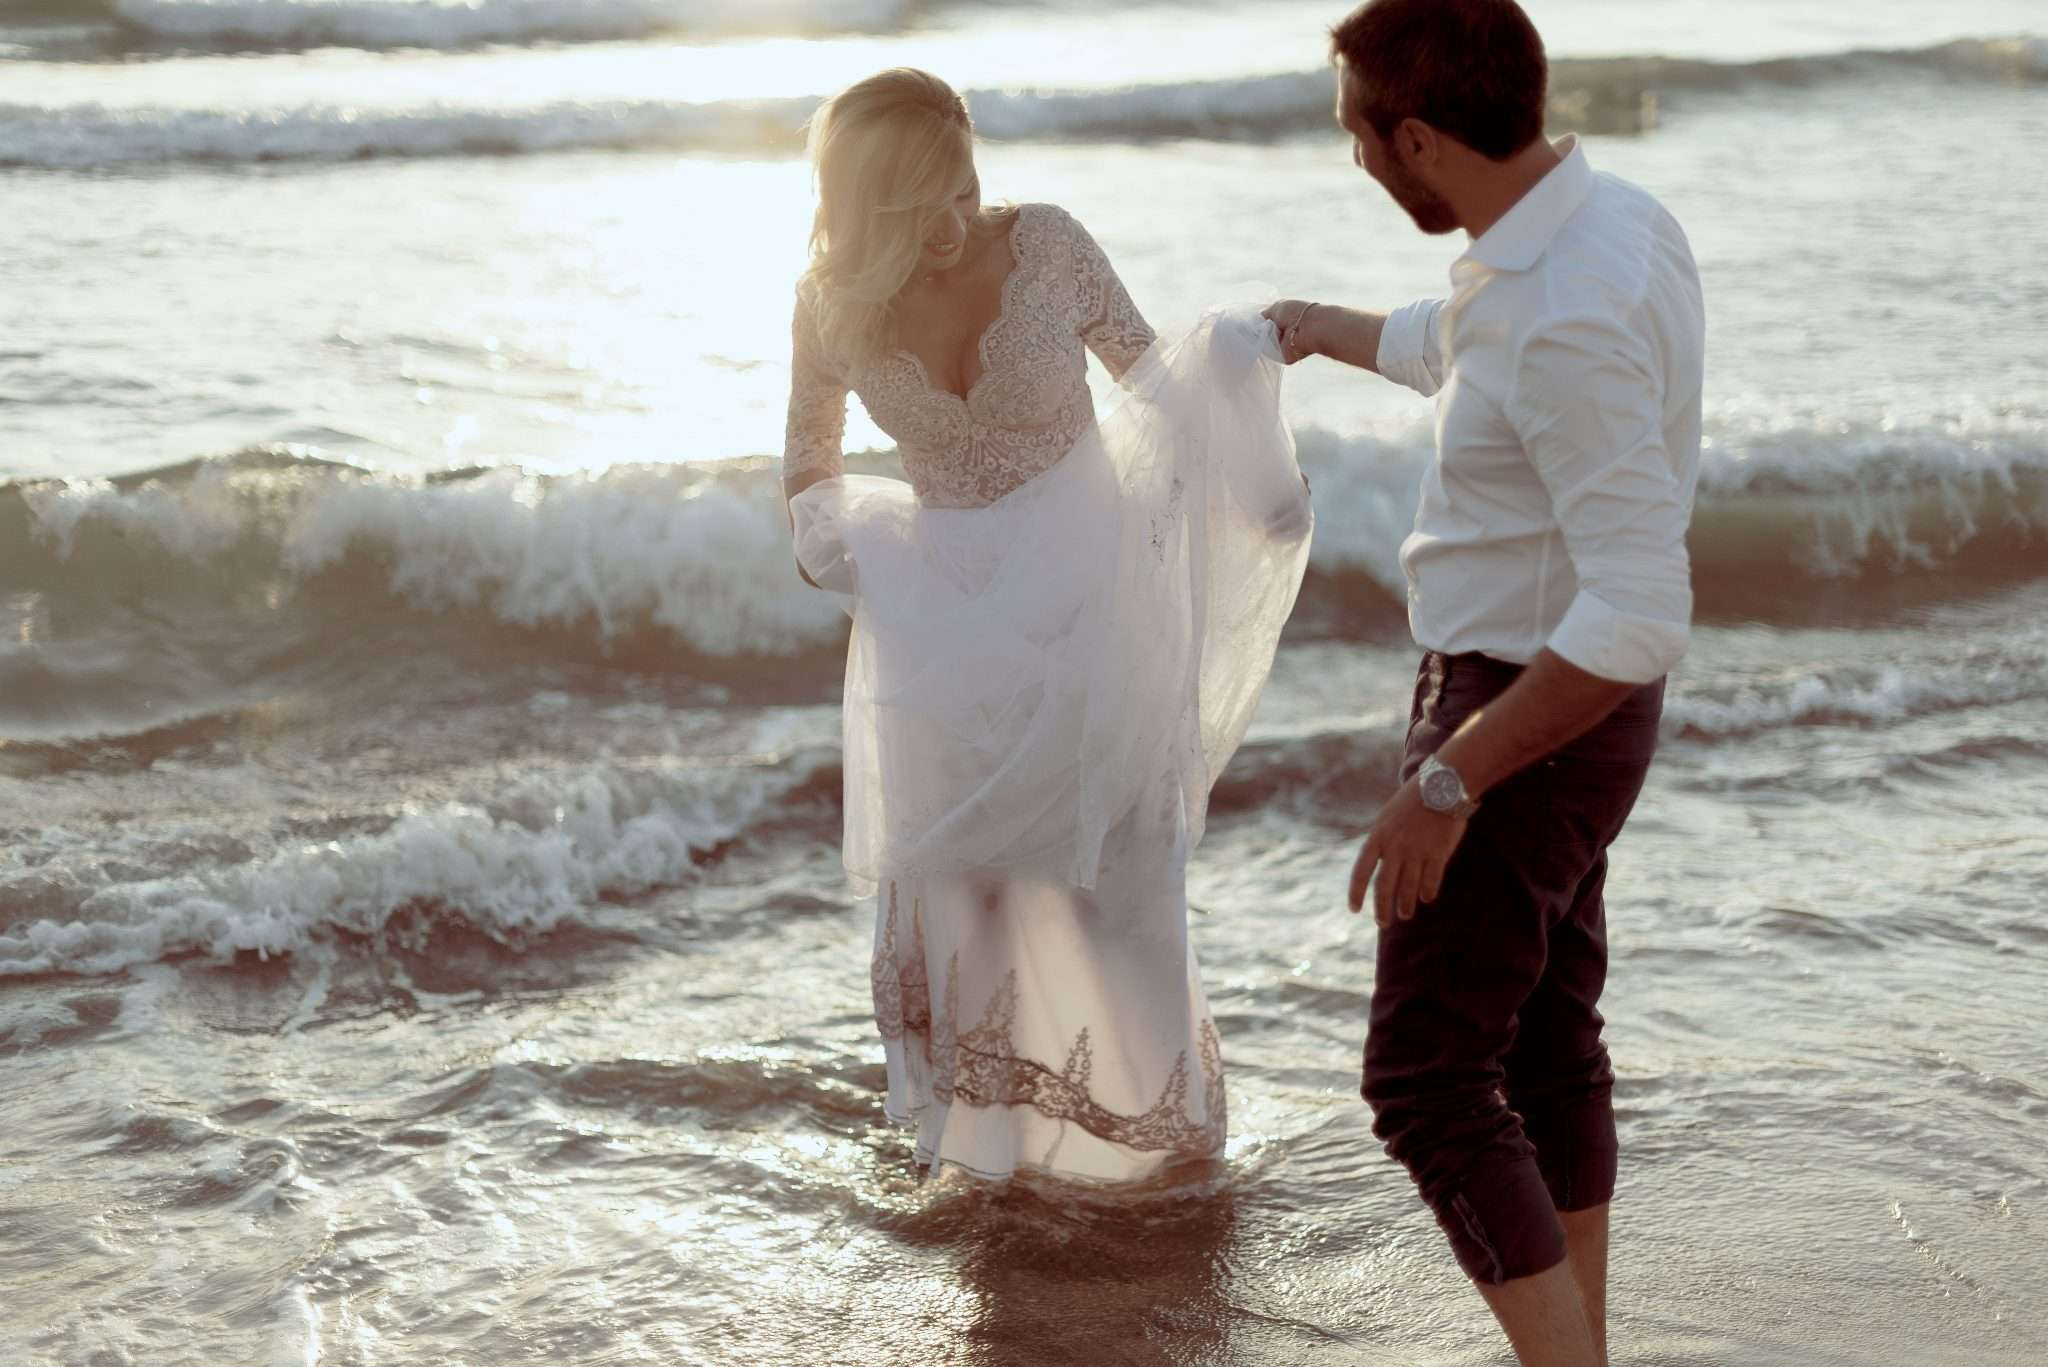 Fotografia mare sposi wedding reportage realizzata da Barbara Trincone fotografa con studio a Pozzuoli - Napoli